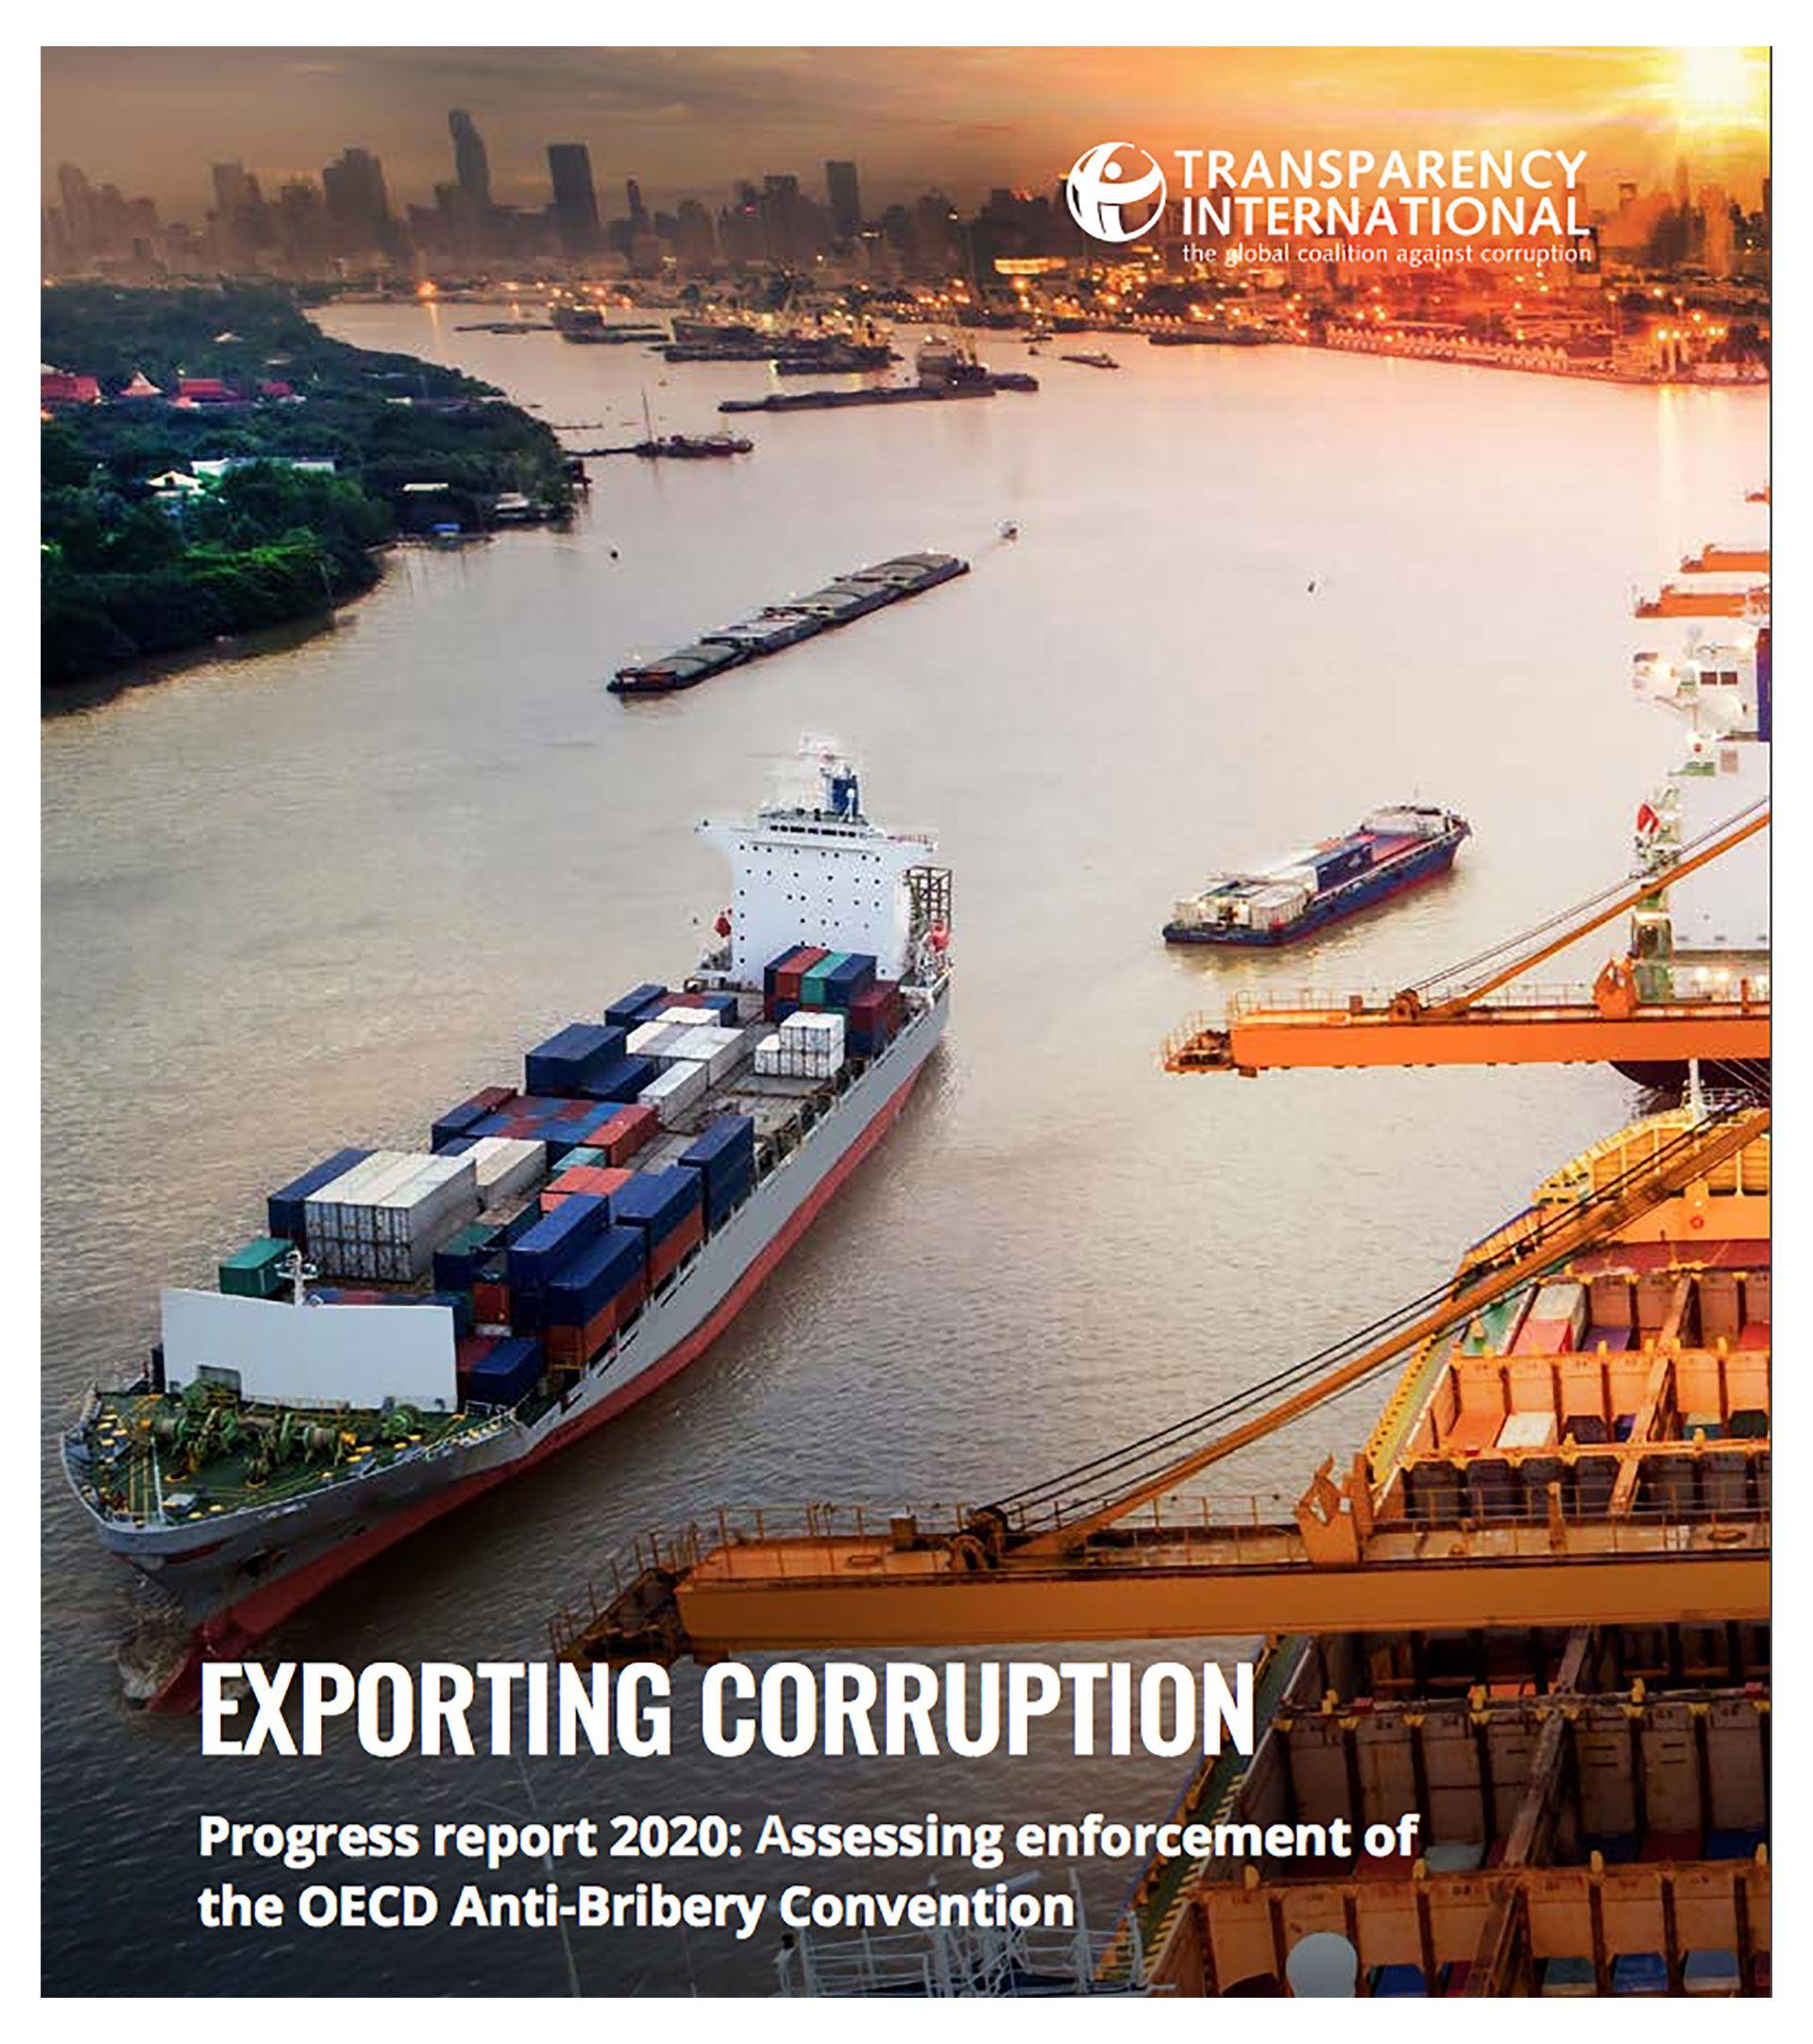 Sobornos en el extranjero-Transparencia Internacional